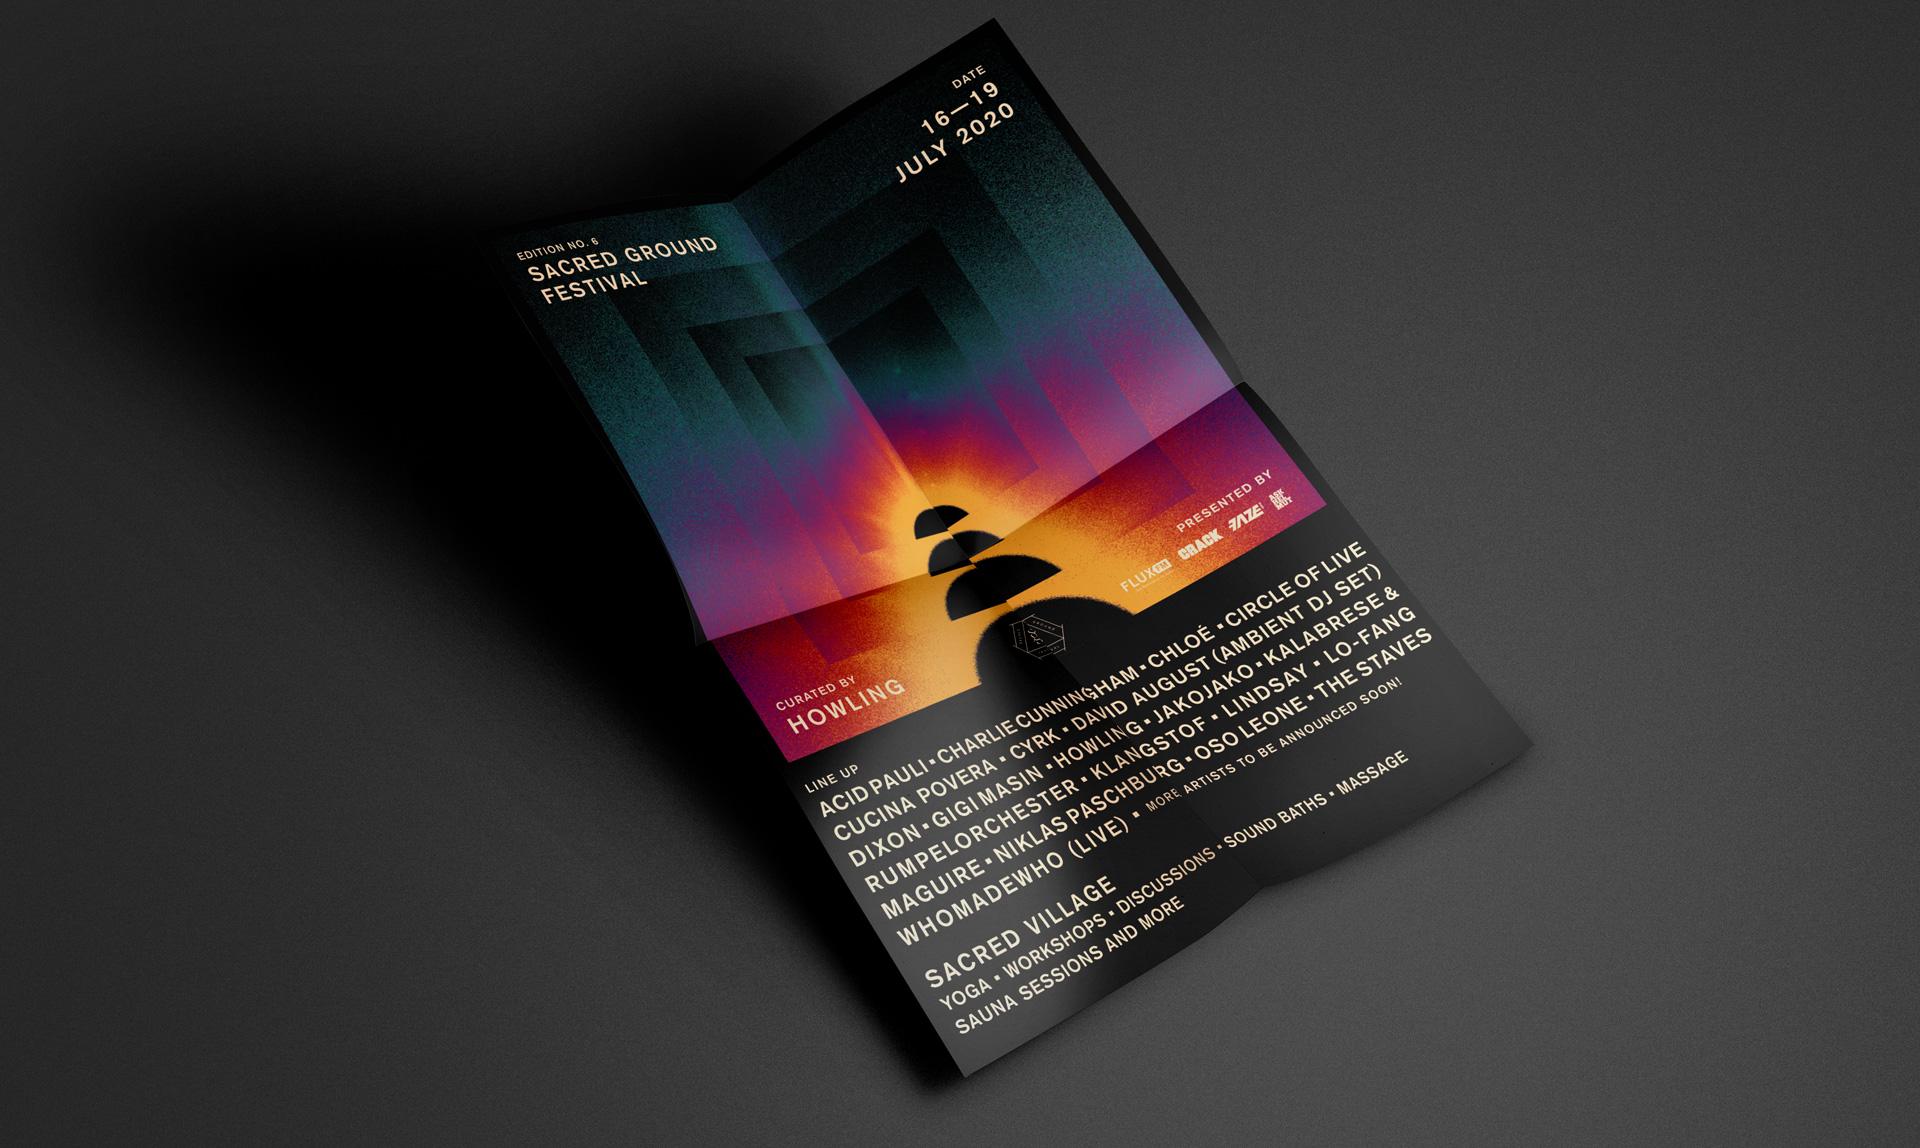 ZART_Sacred_Ground_Festival_2020_Poster